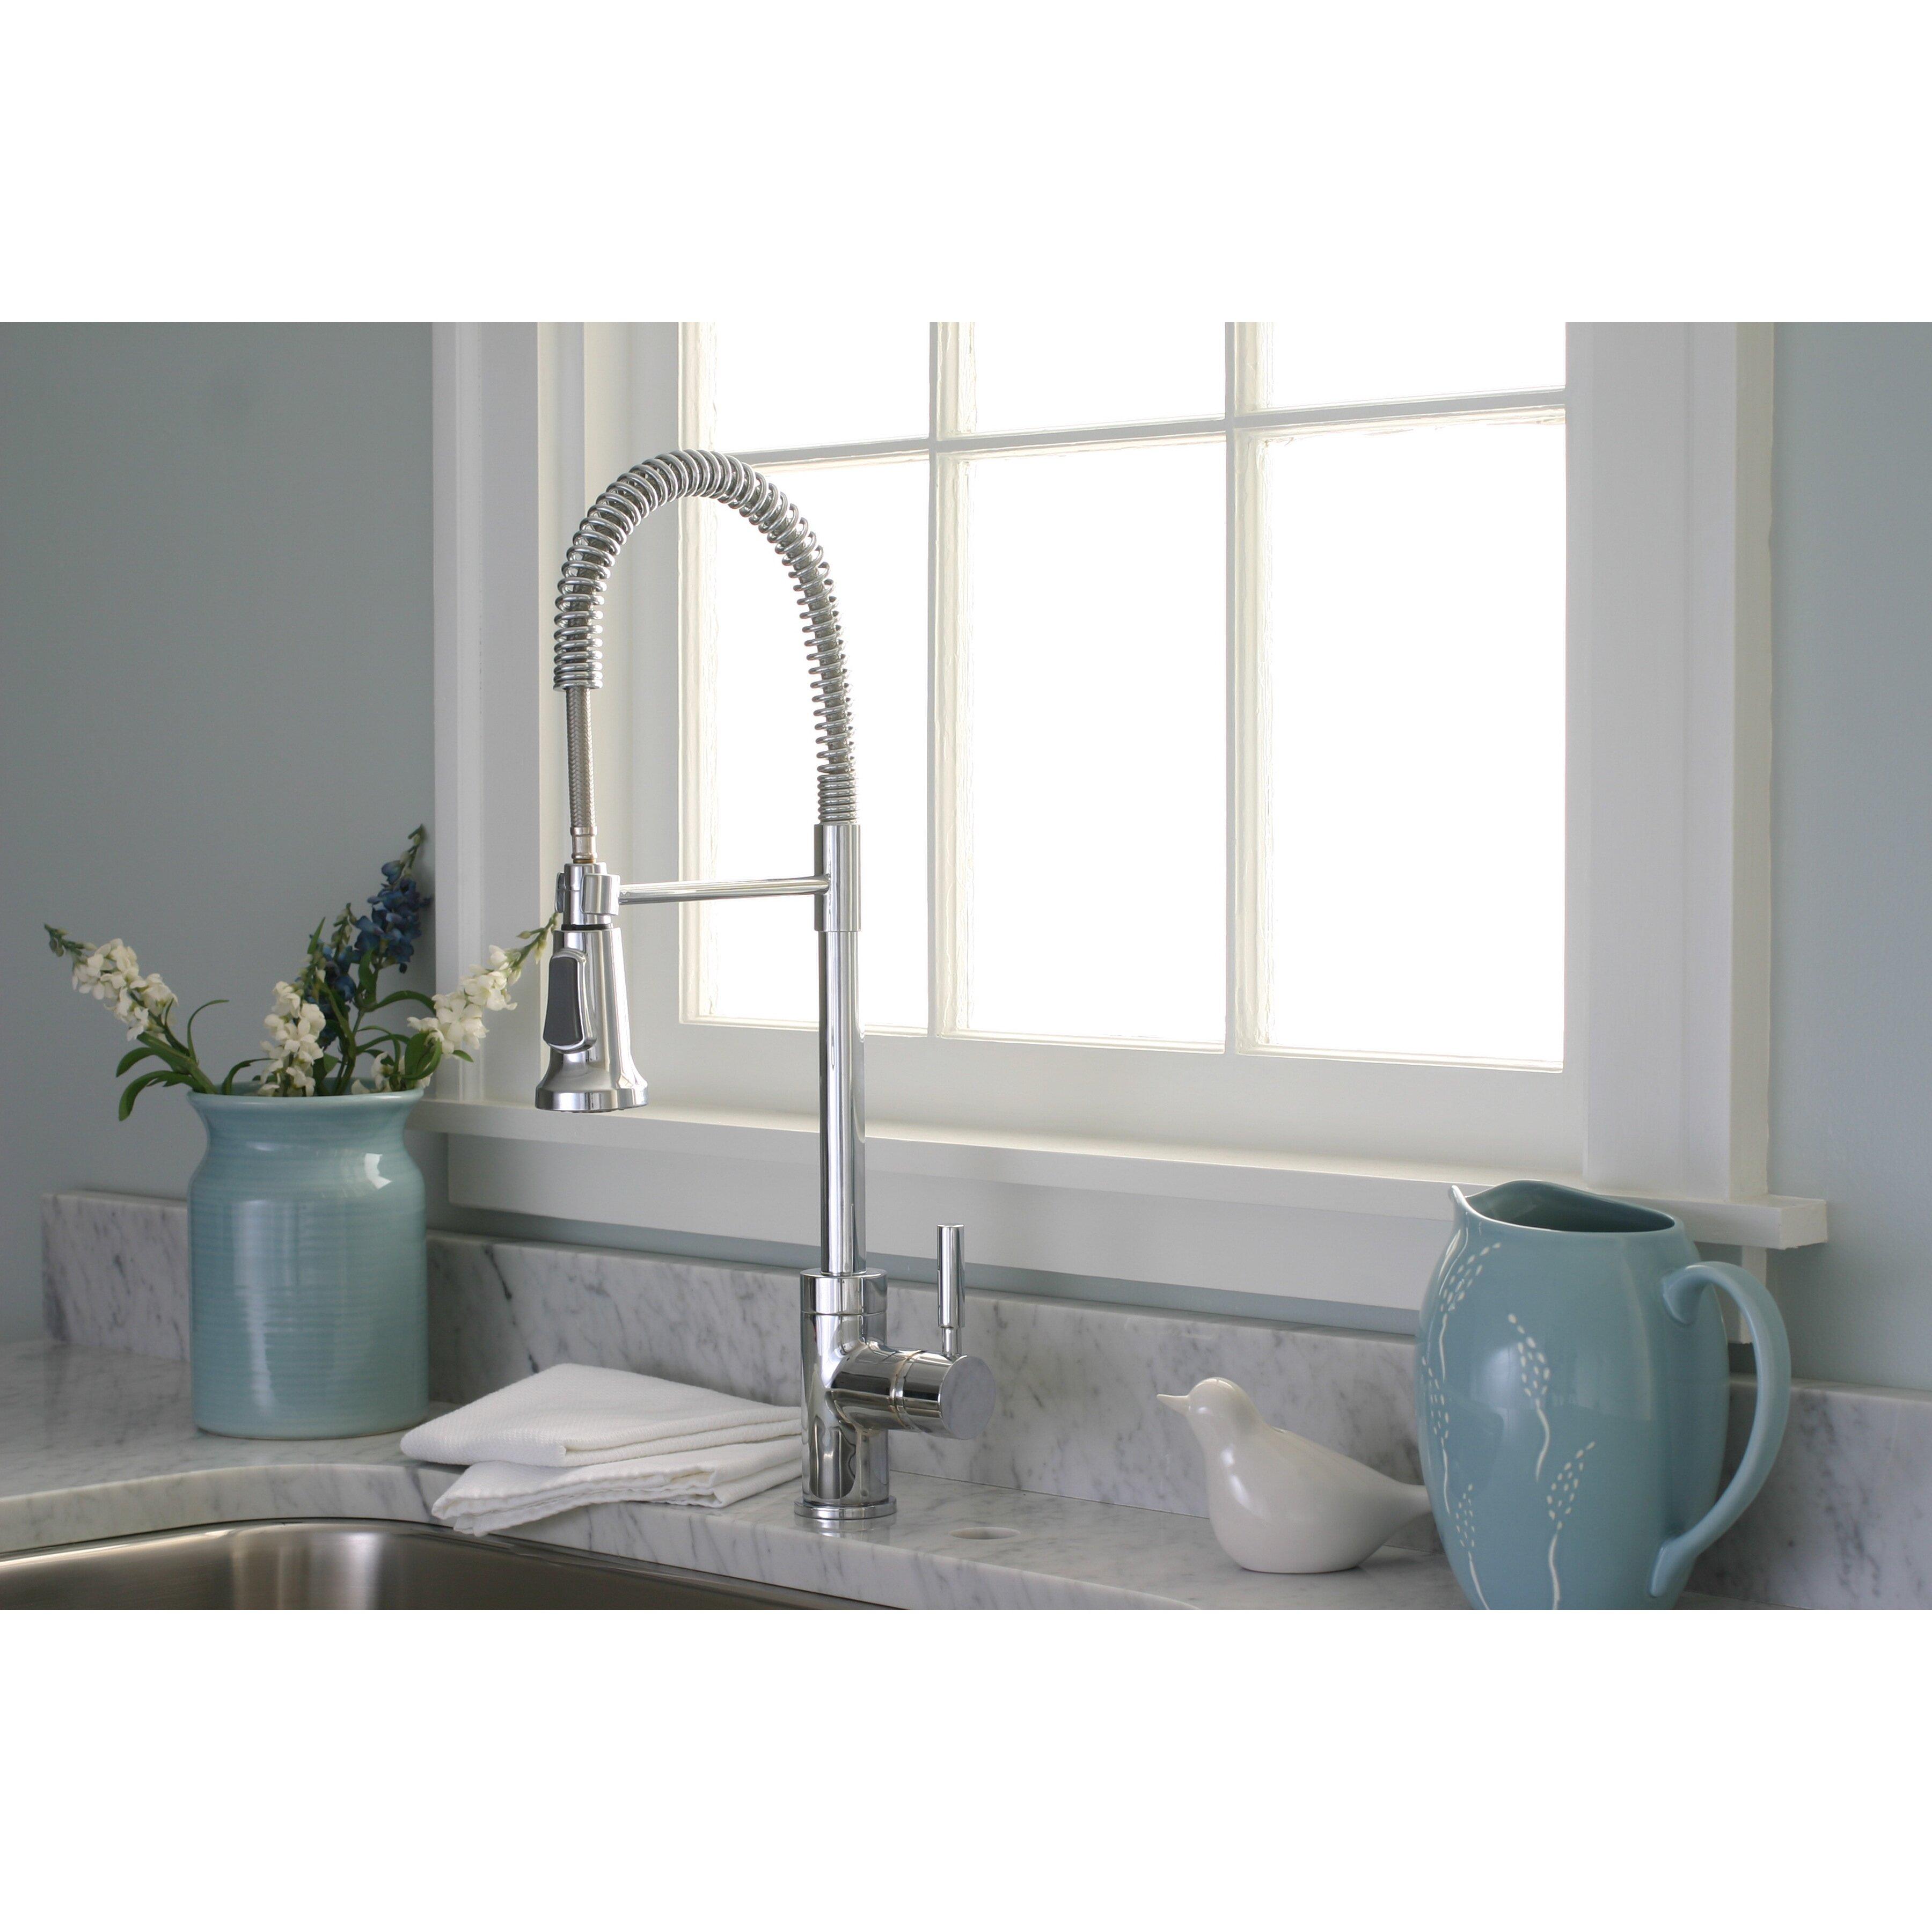 Danze Kitchen Faucets Reviews Premier Faucet Essen One Handle Single Hole Pull Down Bar Faucet